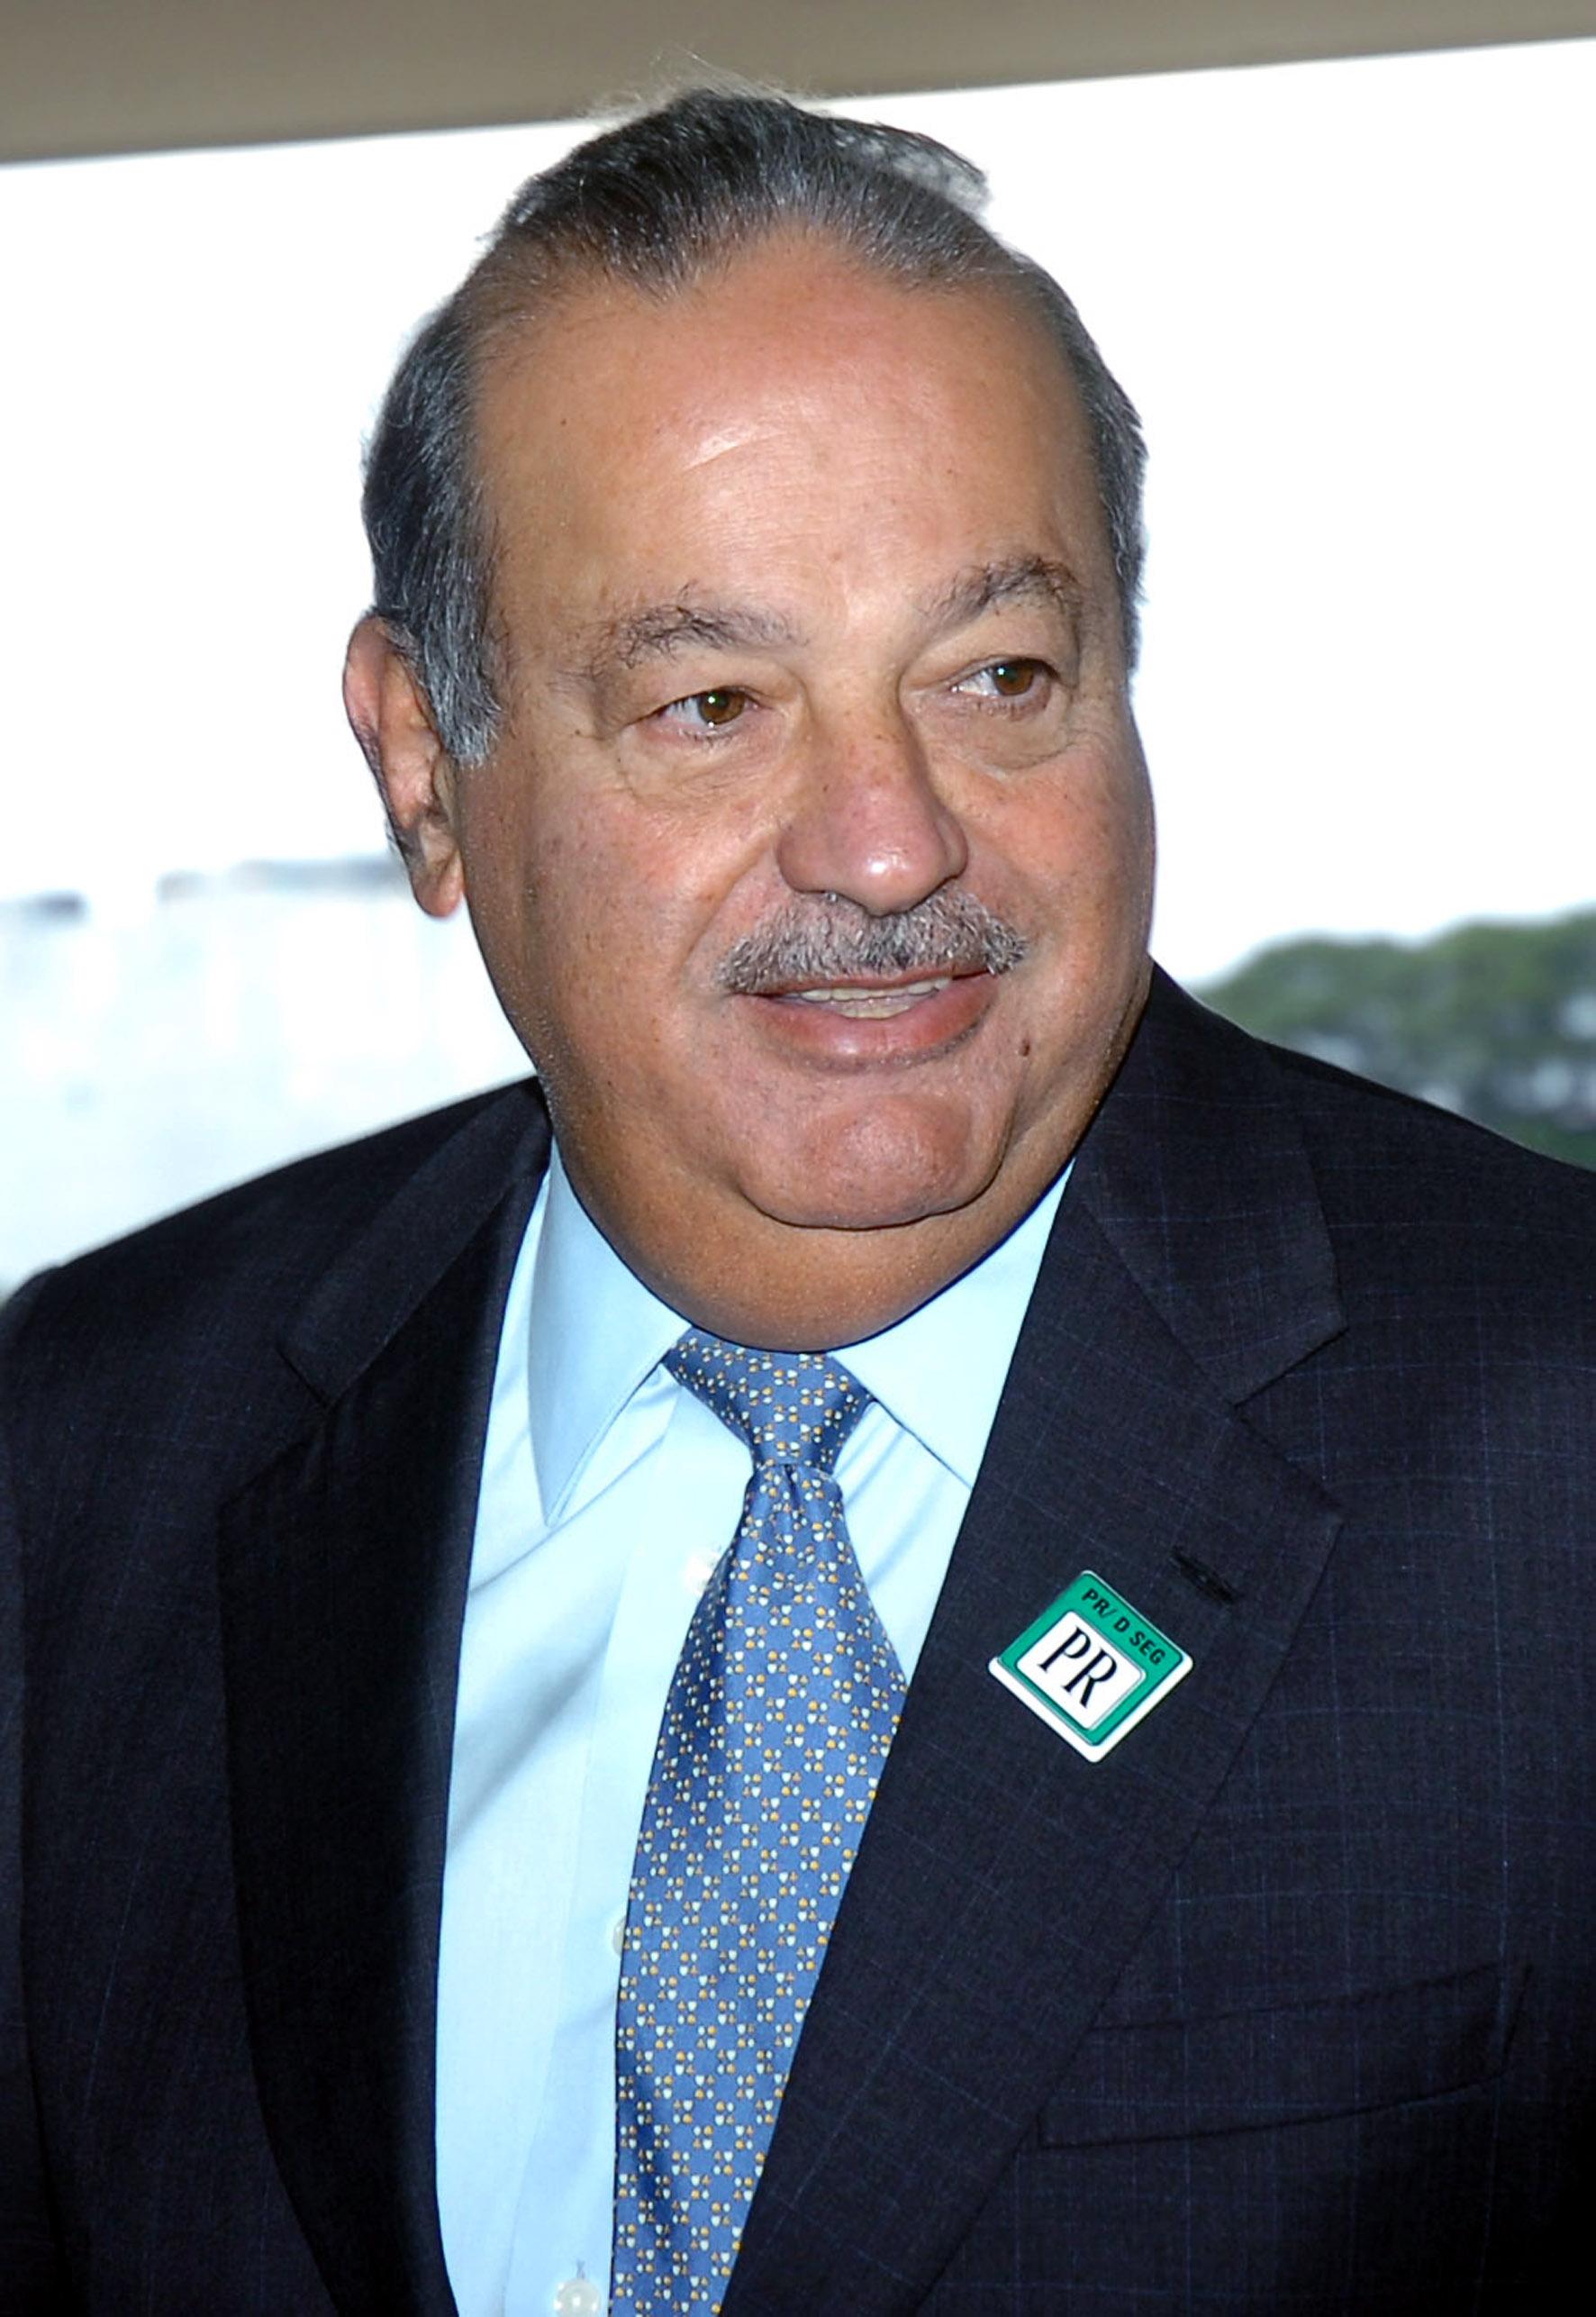 730億ドルの資産家 カルロス・スリム・ヘル氏の人物像